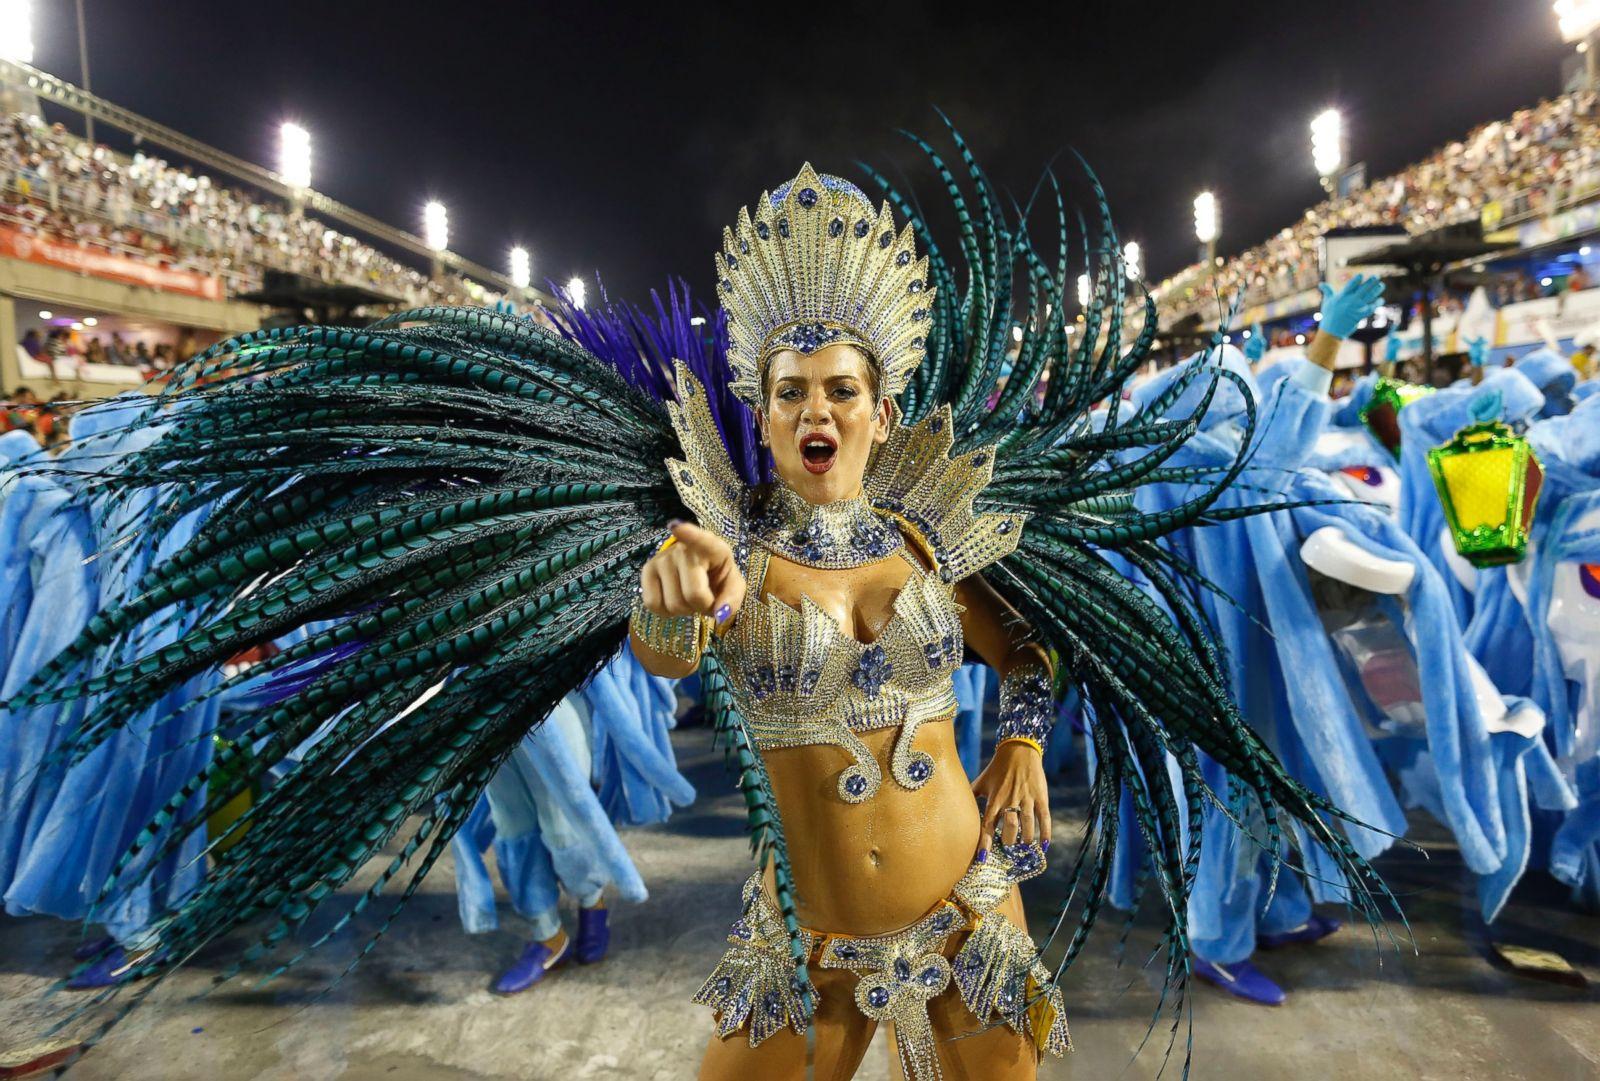 ap_brazil_carnival_1_kb_150216_22x15_1600